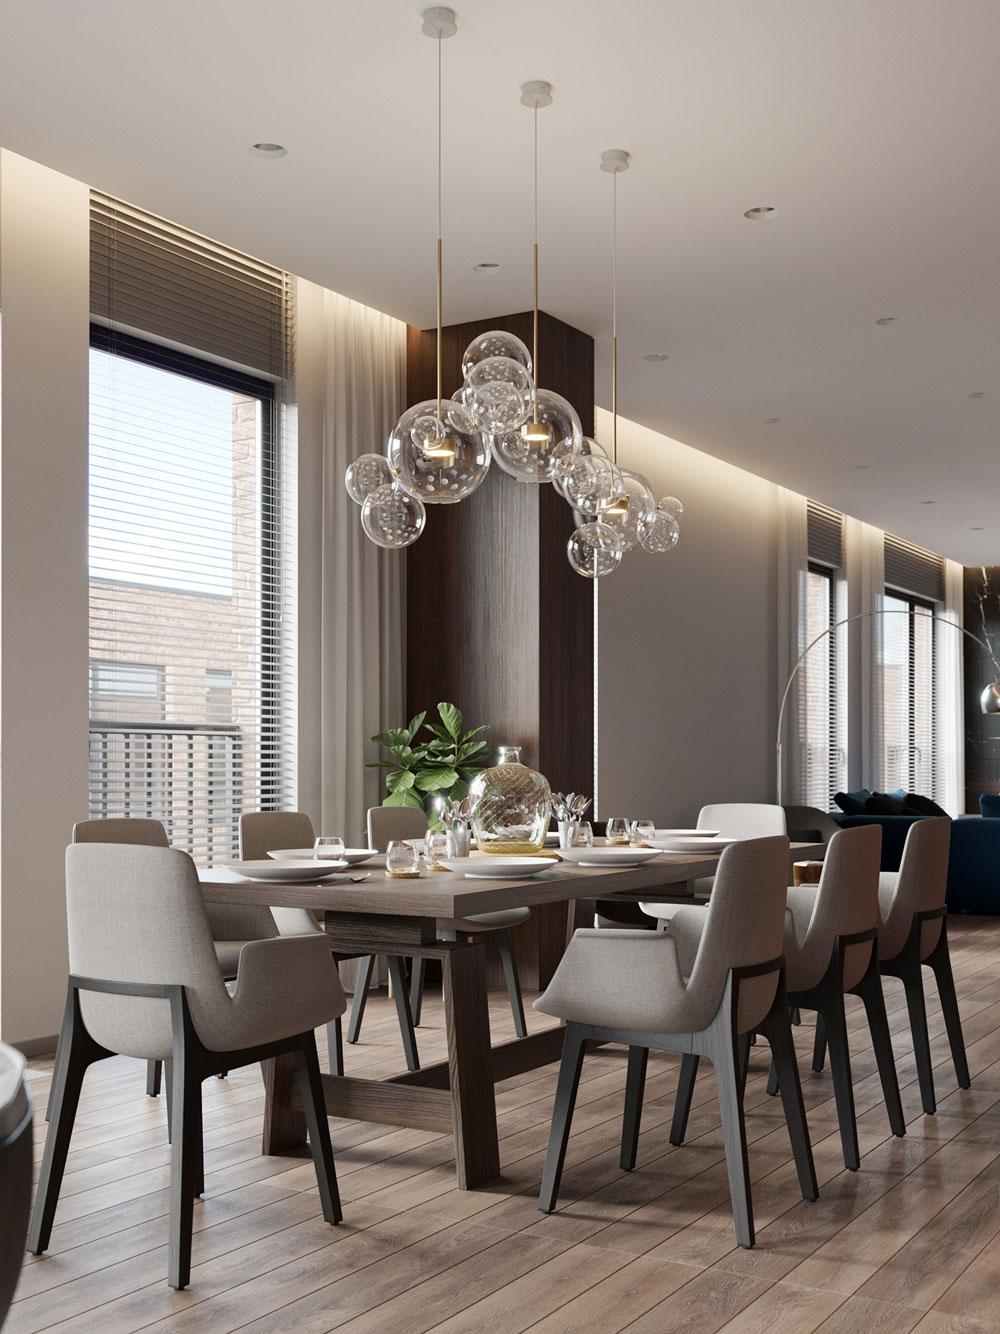 thiết kế nội thất chung cư cao cấp ảnh 2